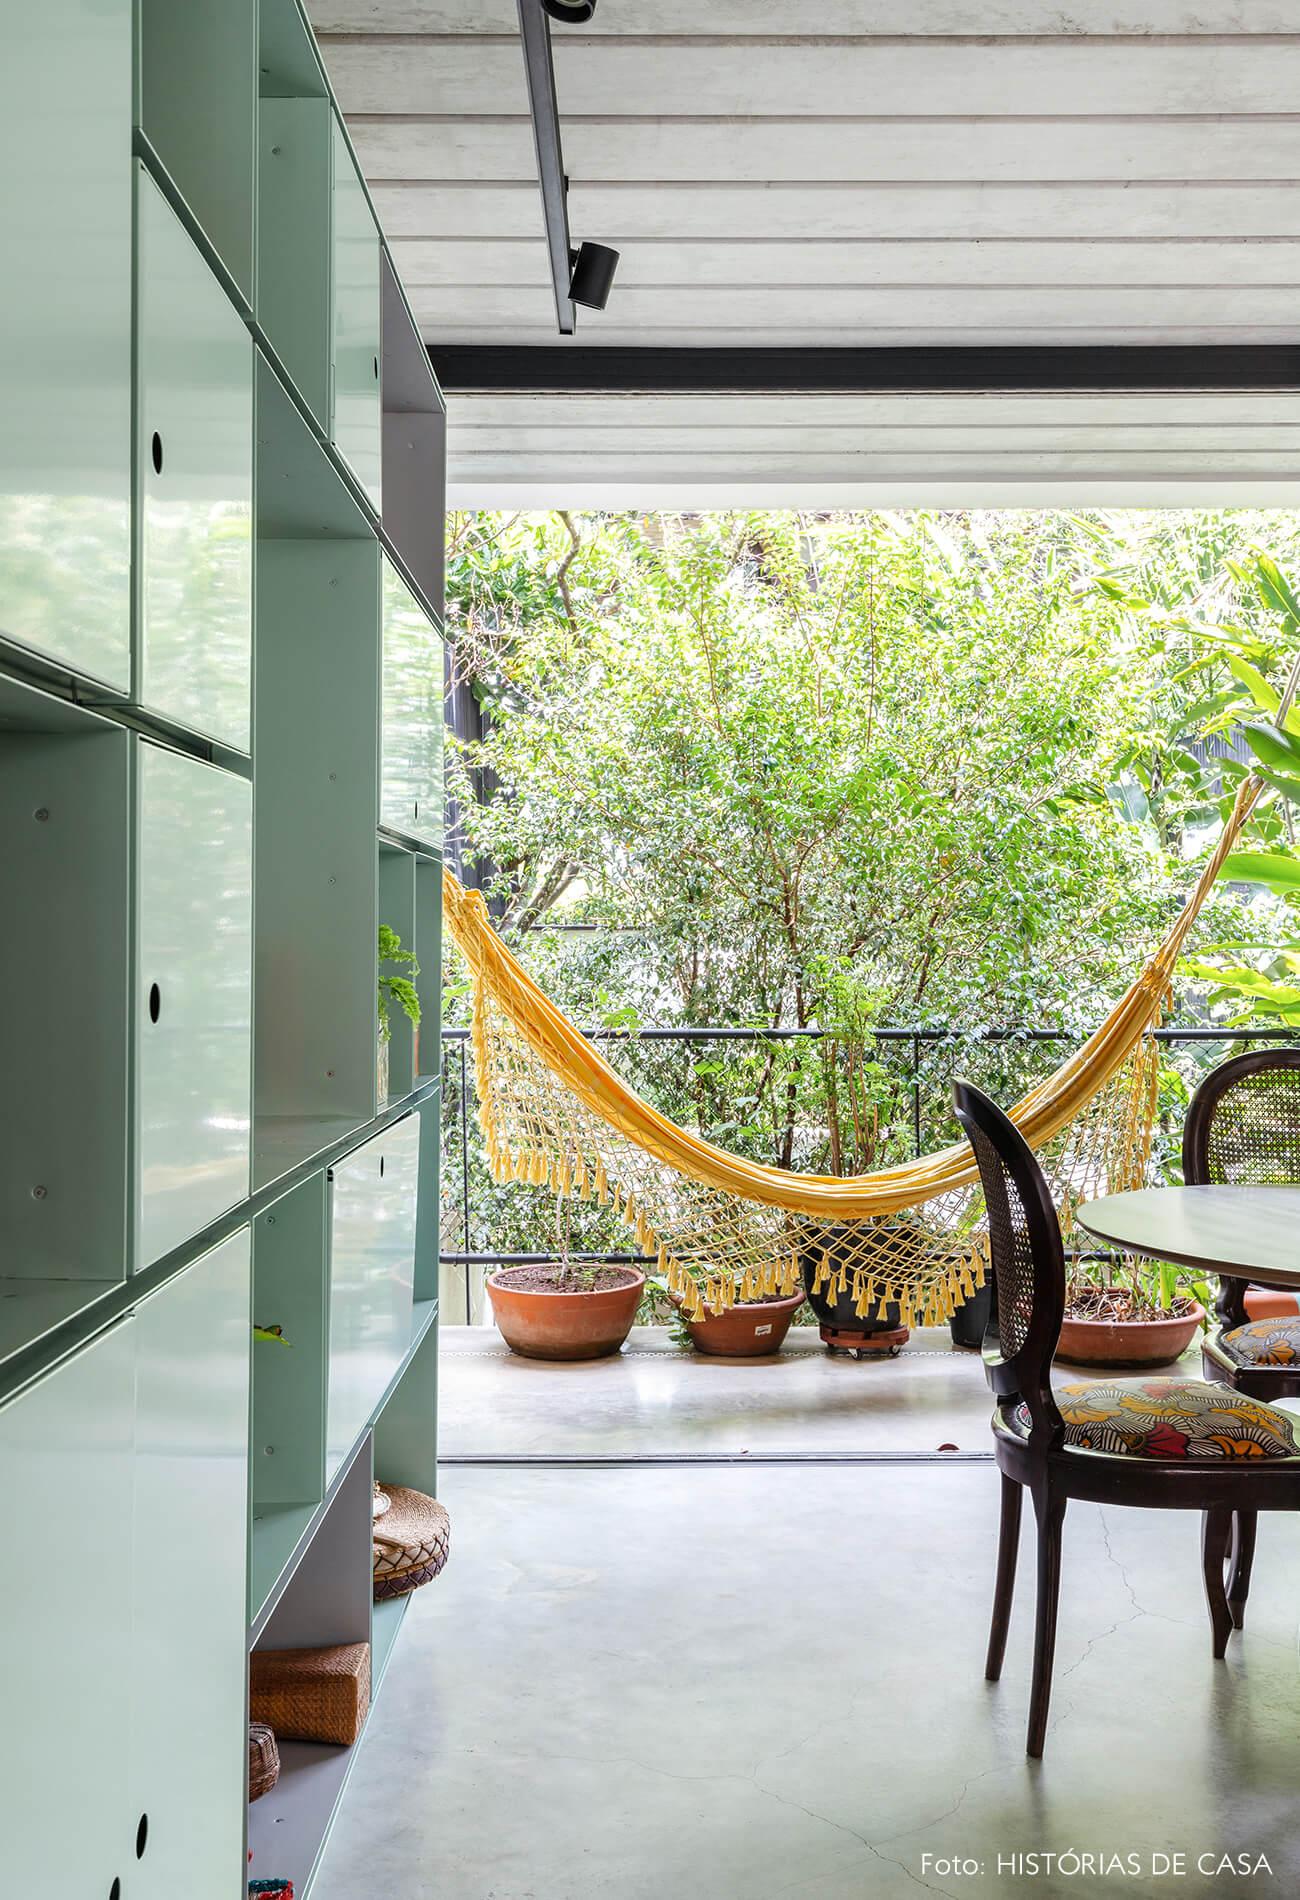 decoração casa sala com estante de metal verde, rede e cadeira de madeira